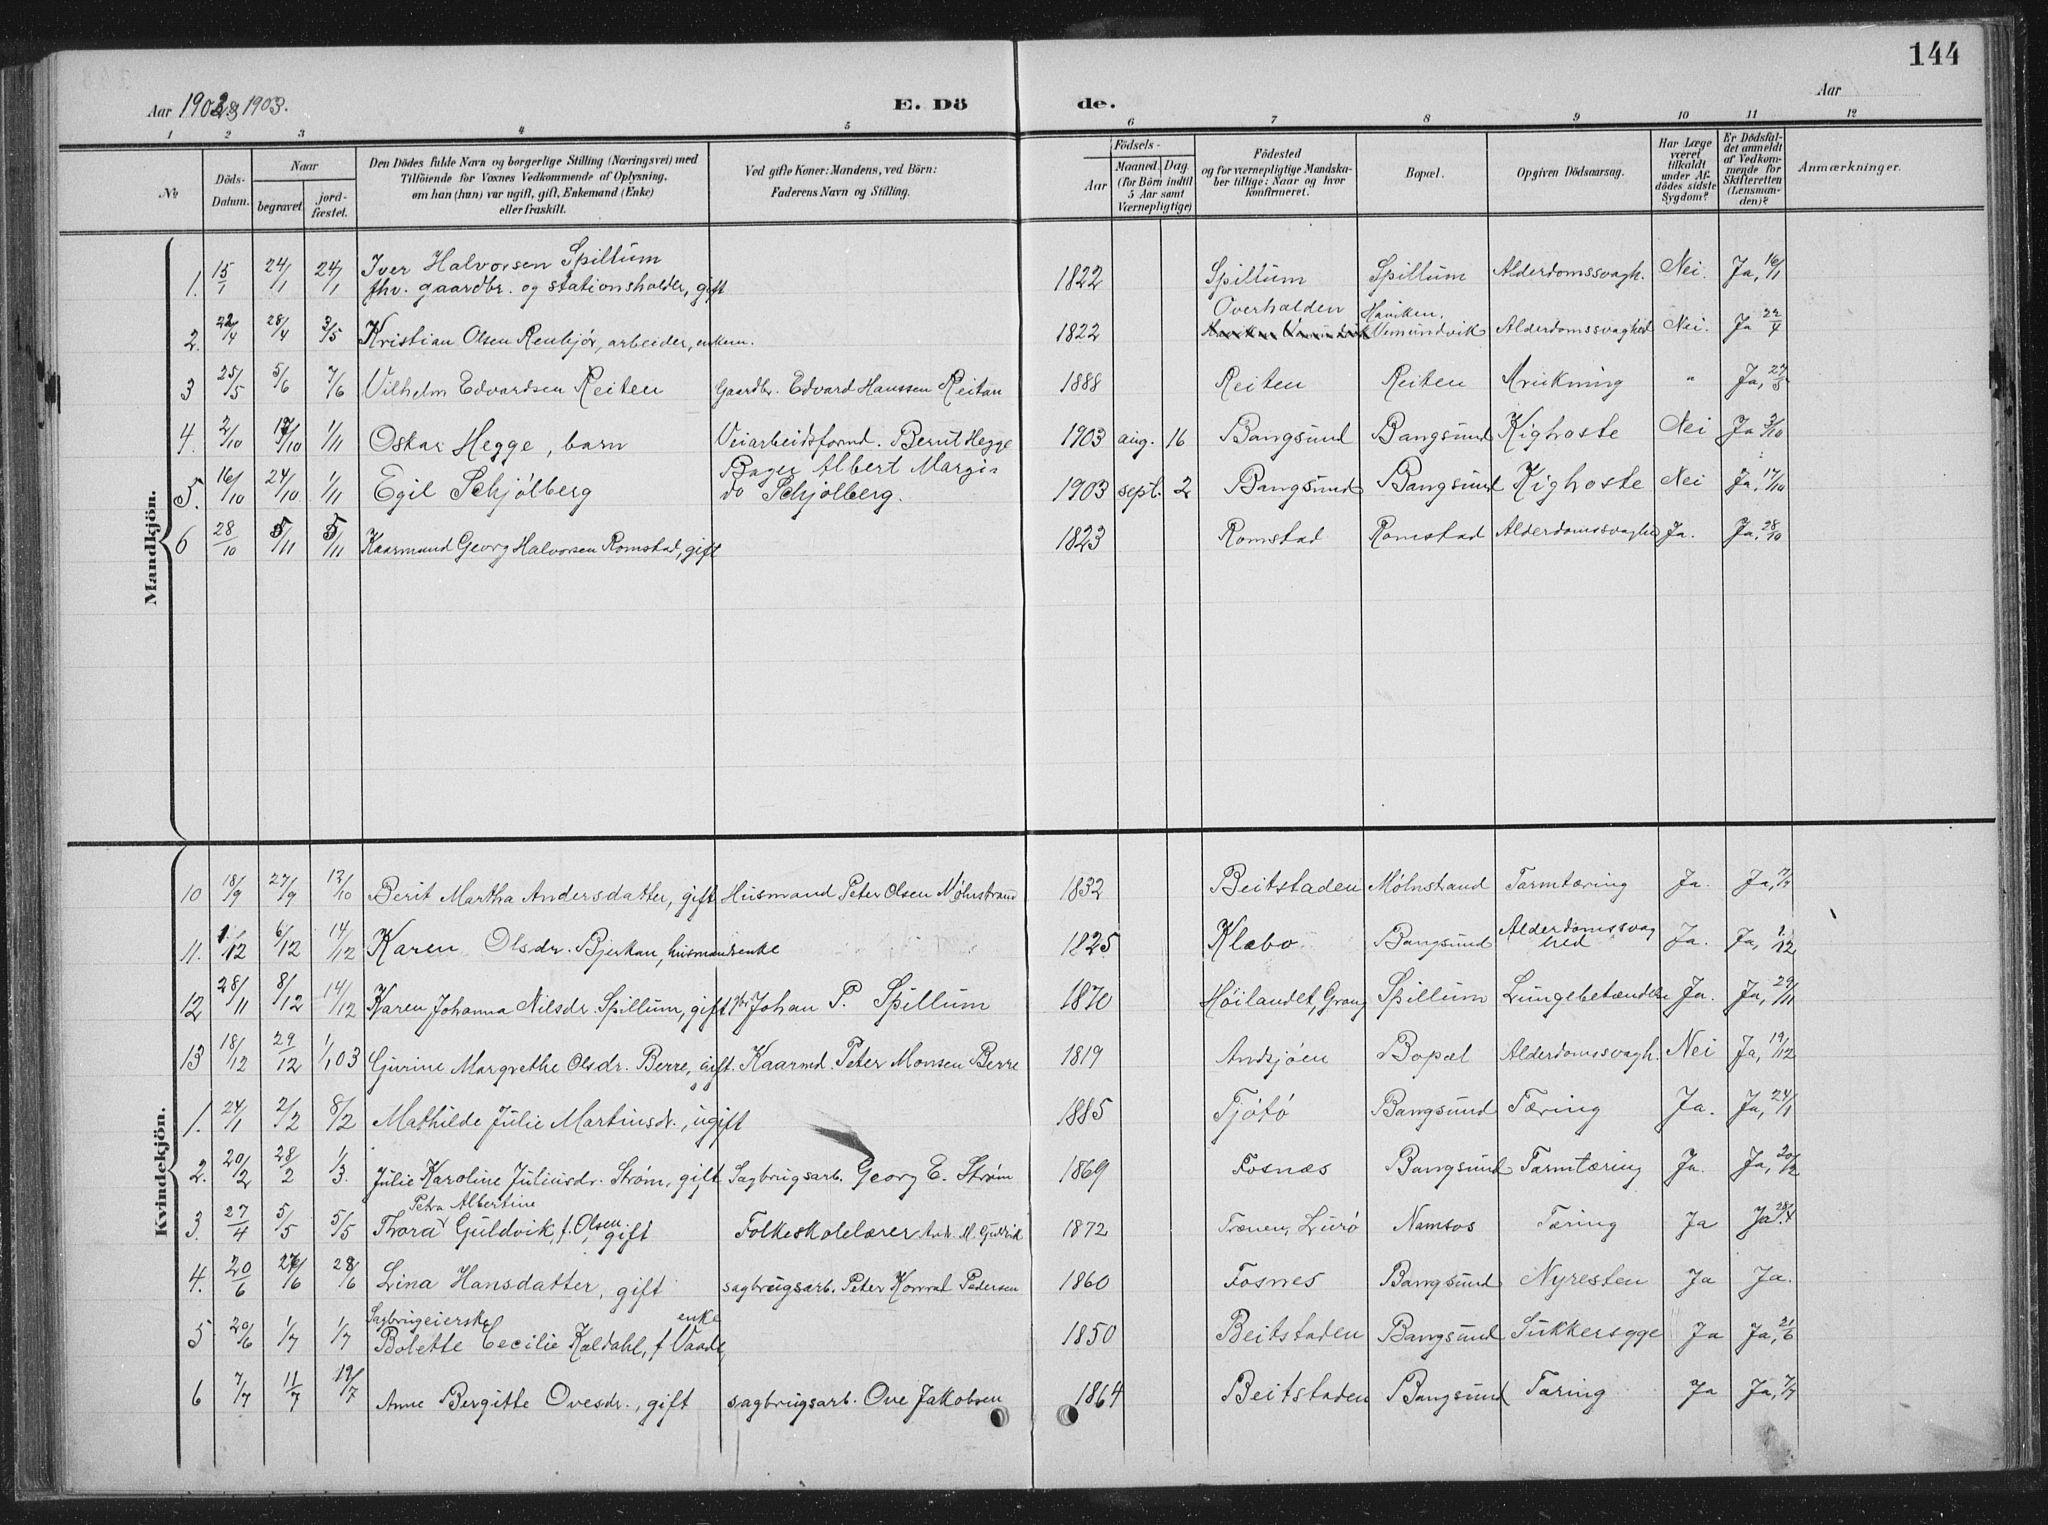 SAT, Ministerialprotokoller, klokkerbøker og fødselsregistre - Nord-Trøndelag, 770/L0591: Klokkerbok nr. 770C02, 1902-1940, s. 144